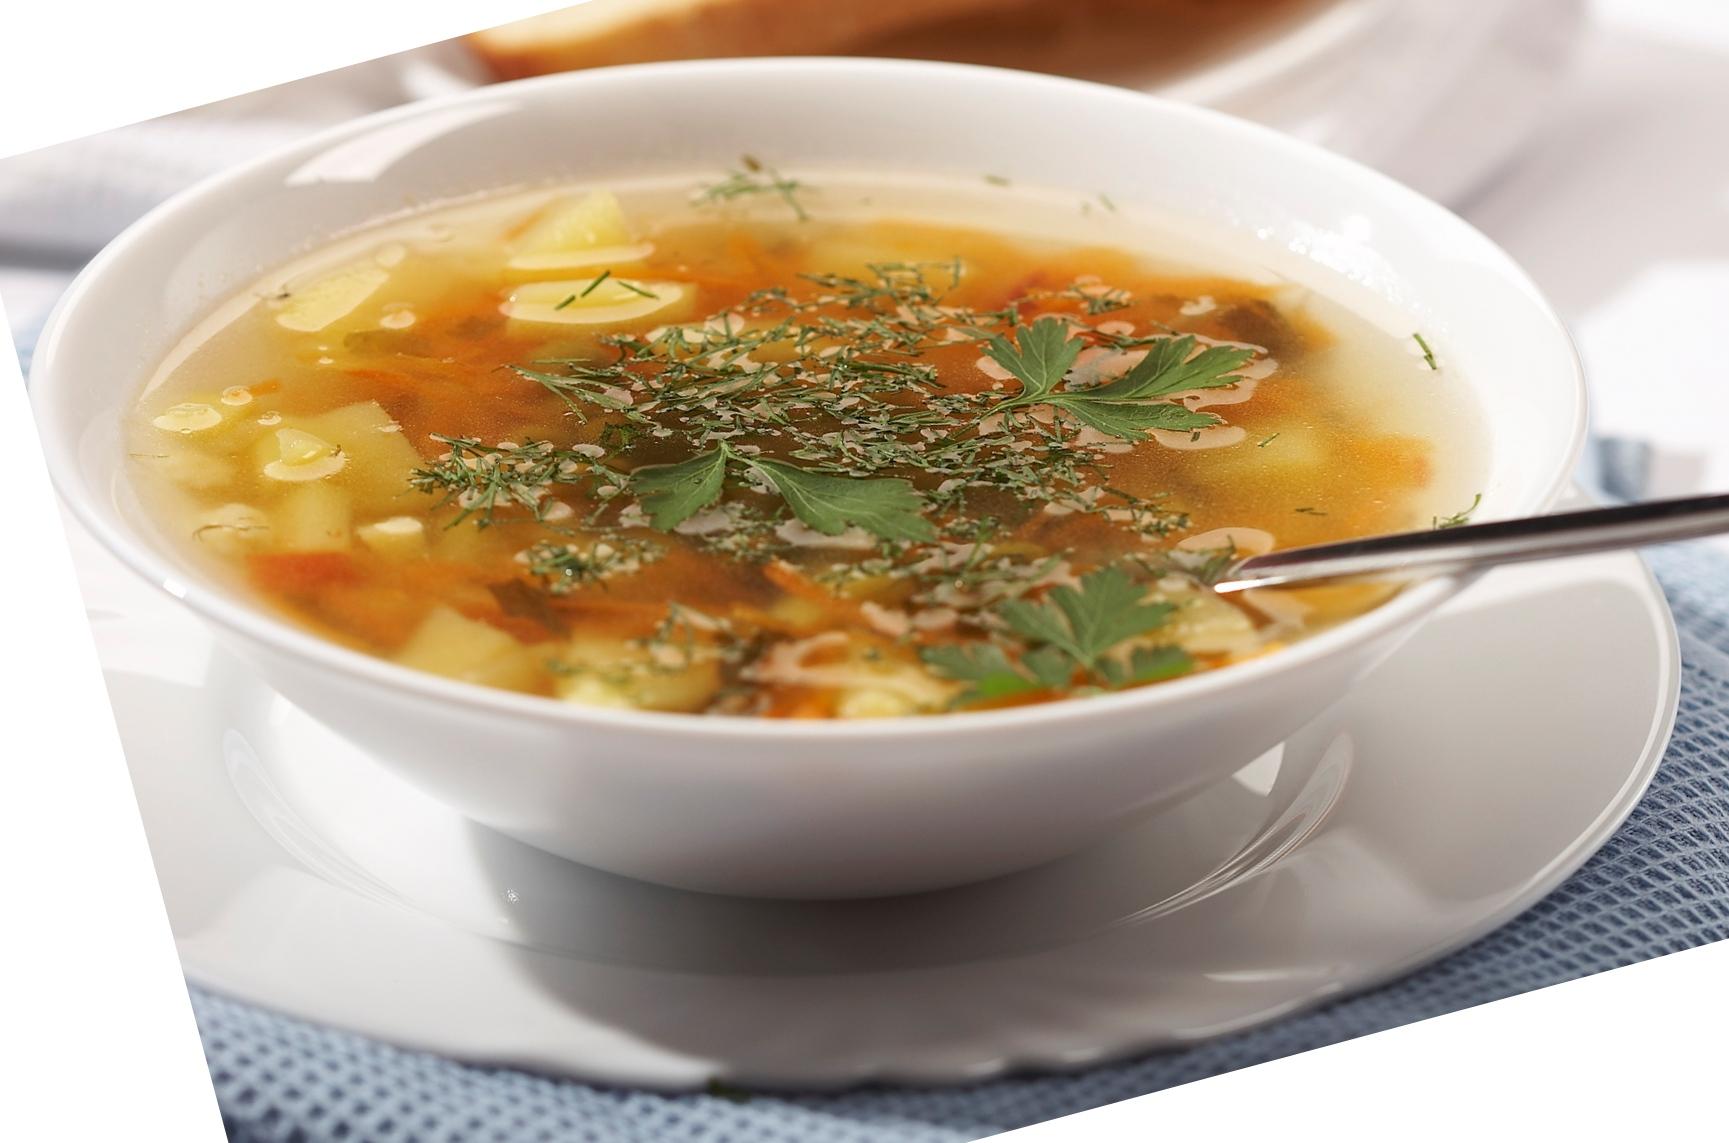 Щи с квашеной капустой мясные и постные: лучшие рецепты